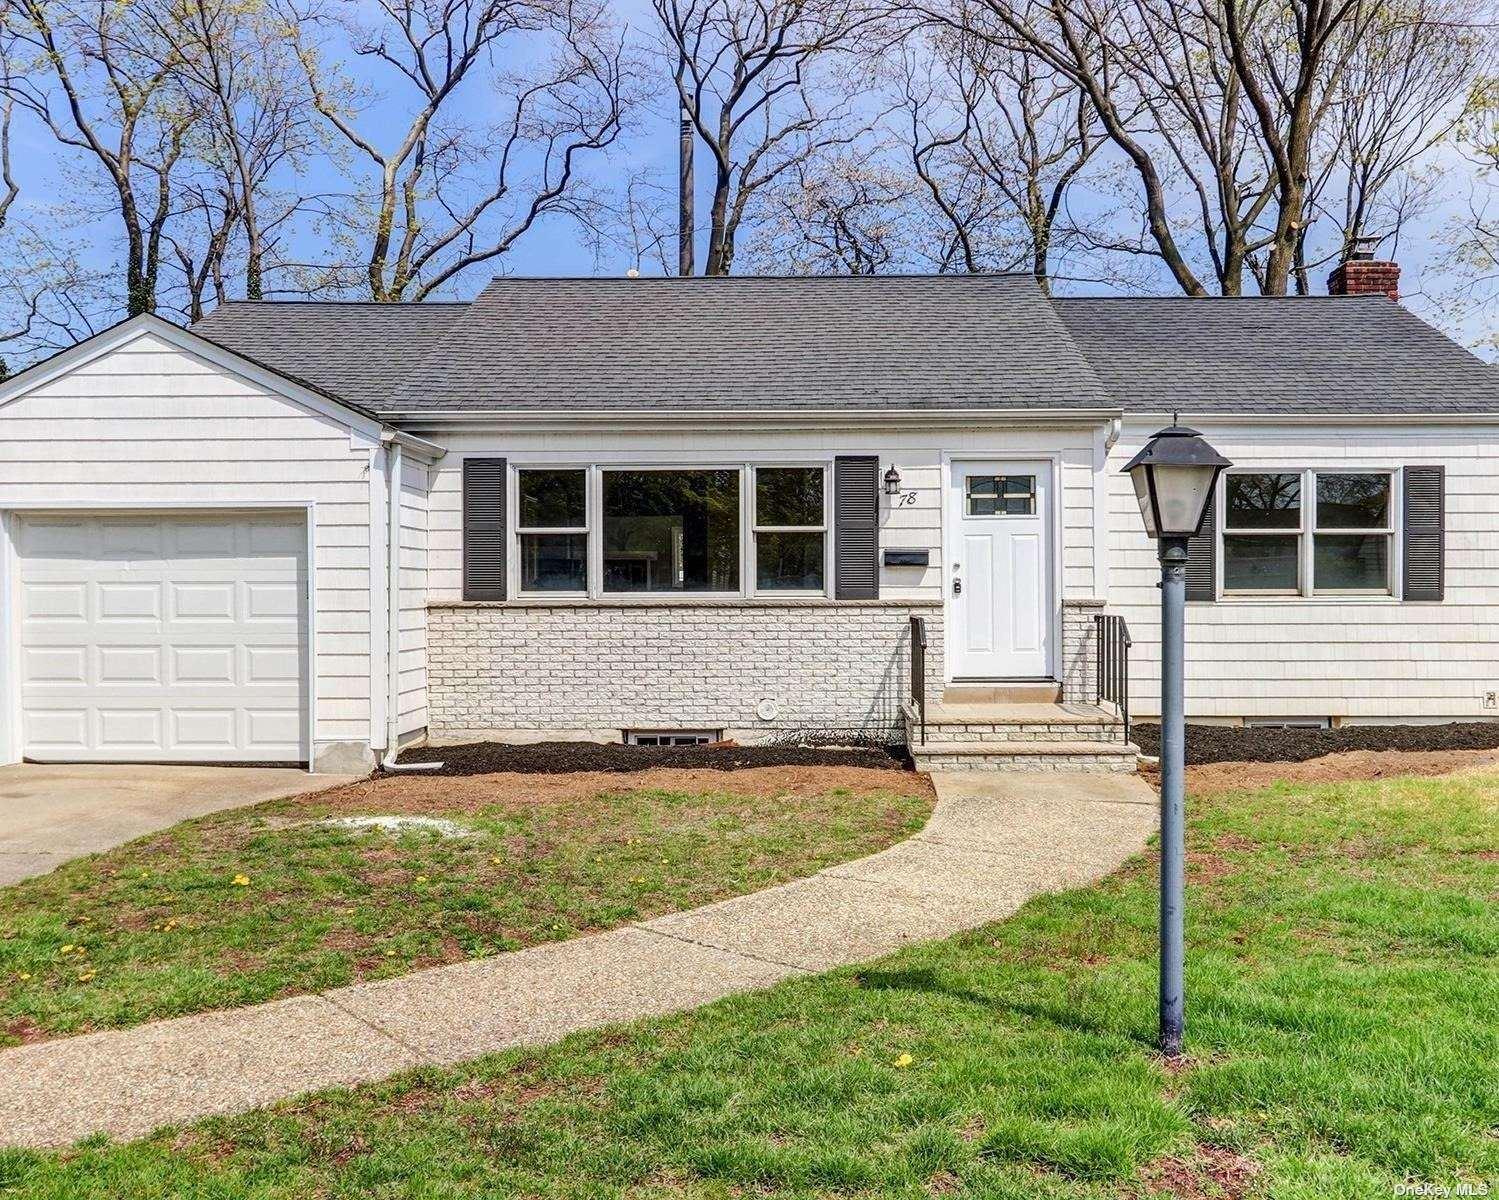 78 Shaw Drive, Merrick, NY 11566 - MLS#: 3306426